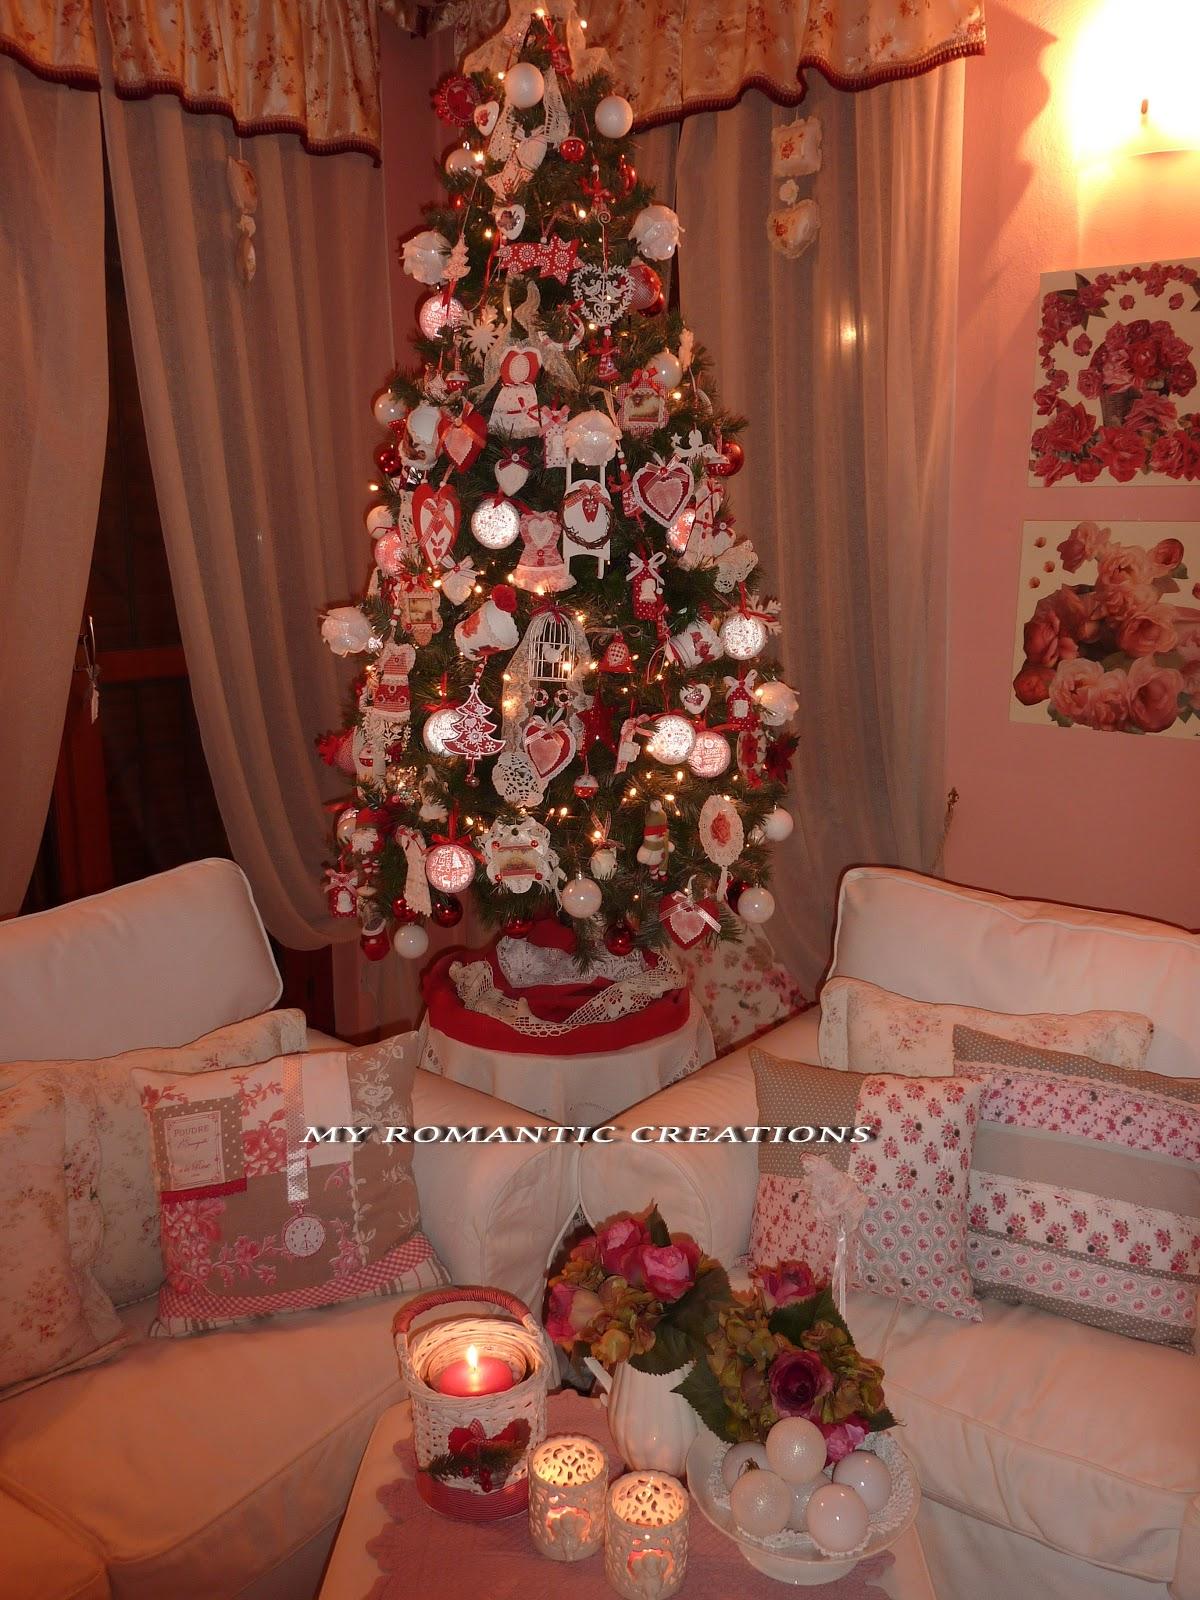 My romantic creations natale a casa mia - Natale in casa addobbi ...